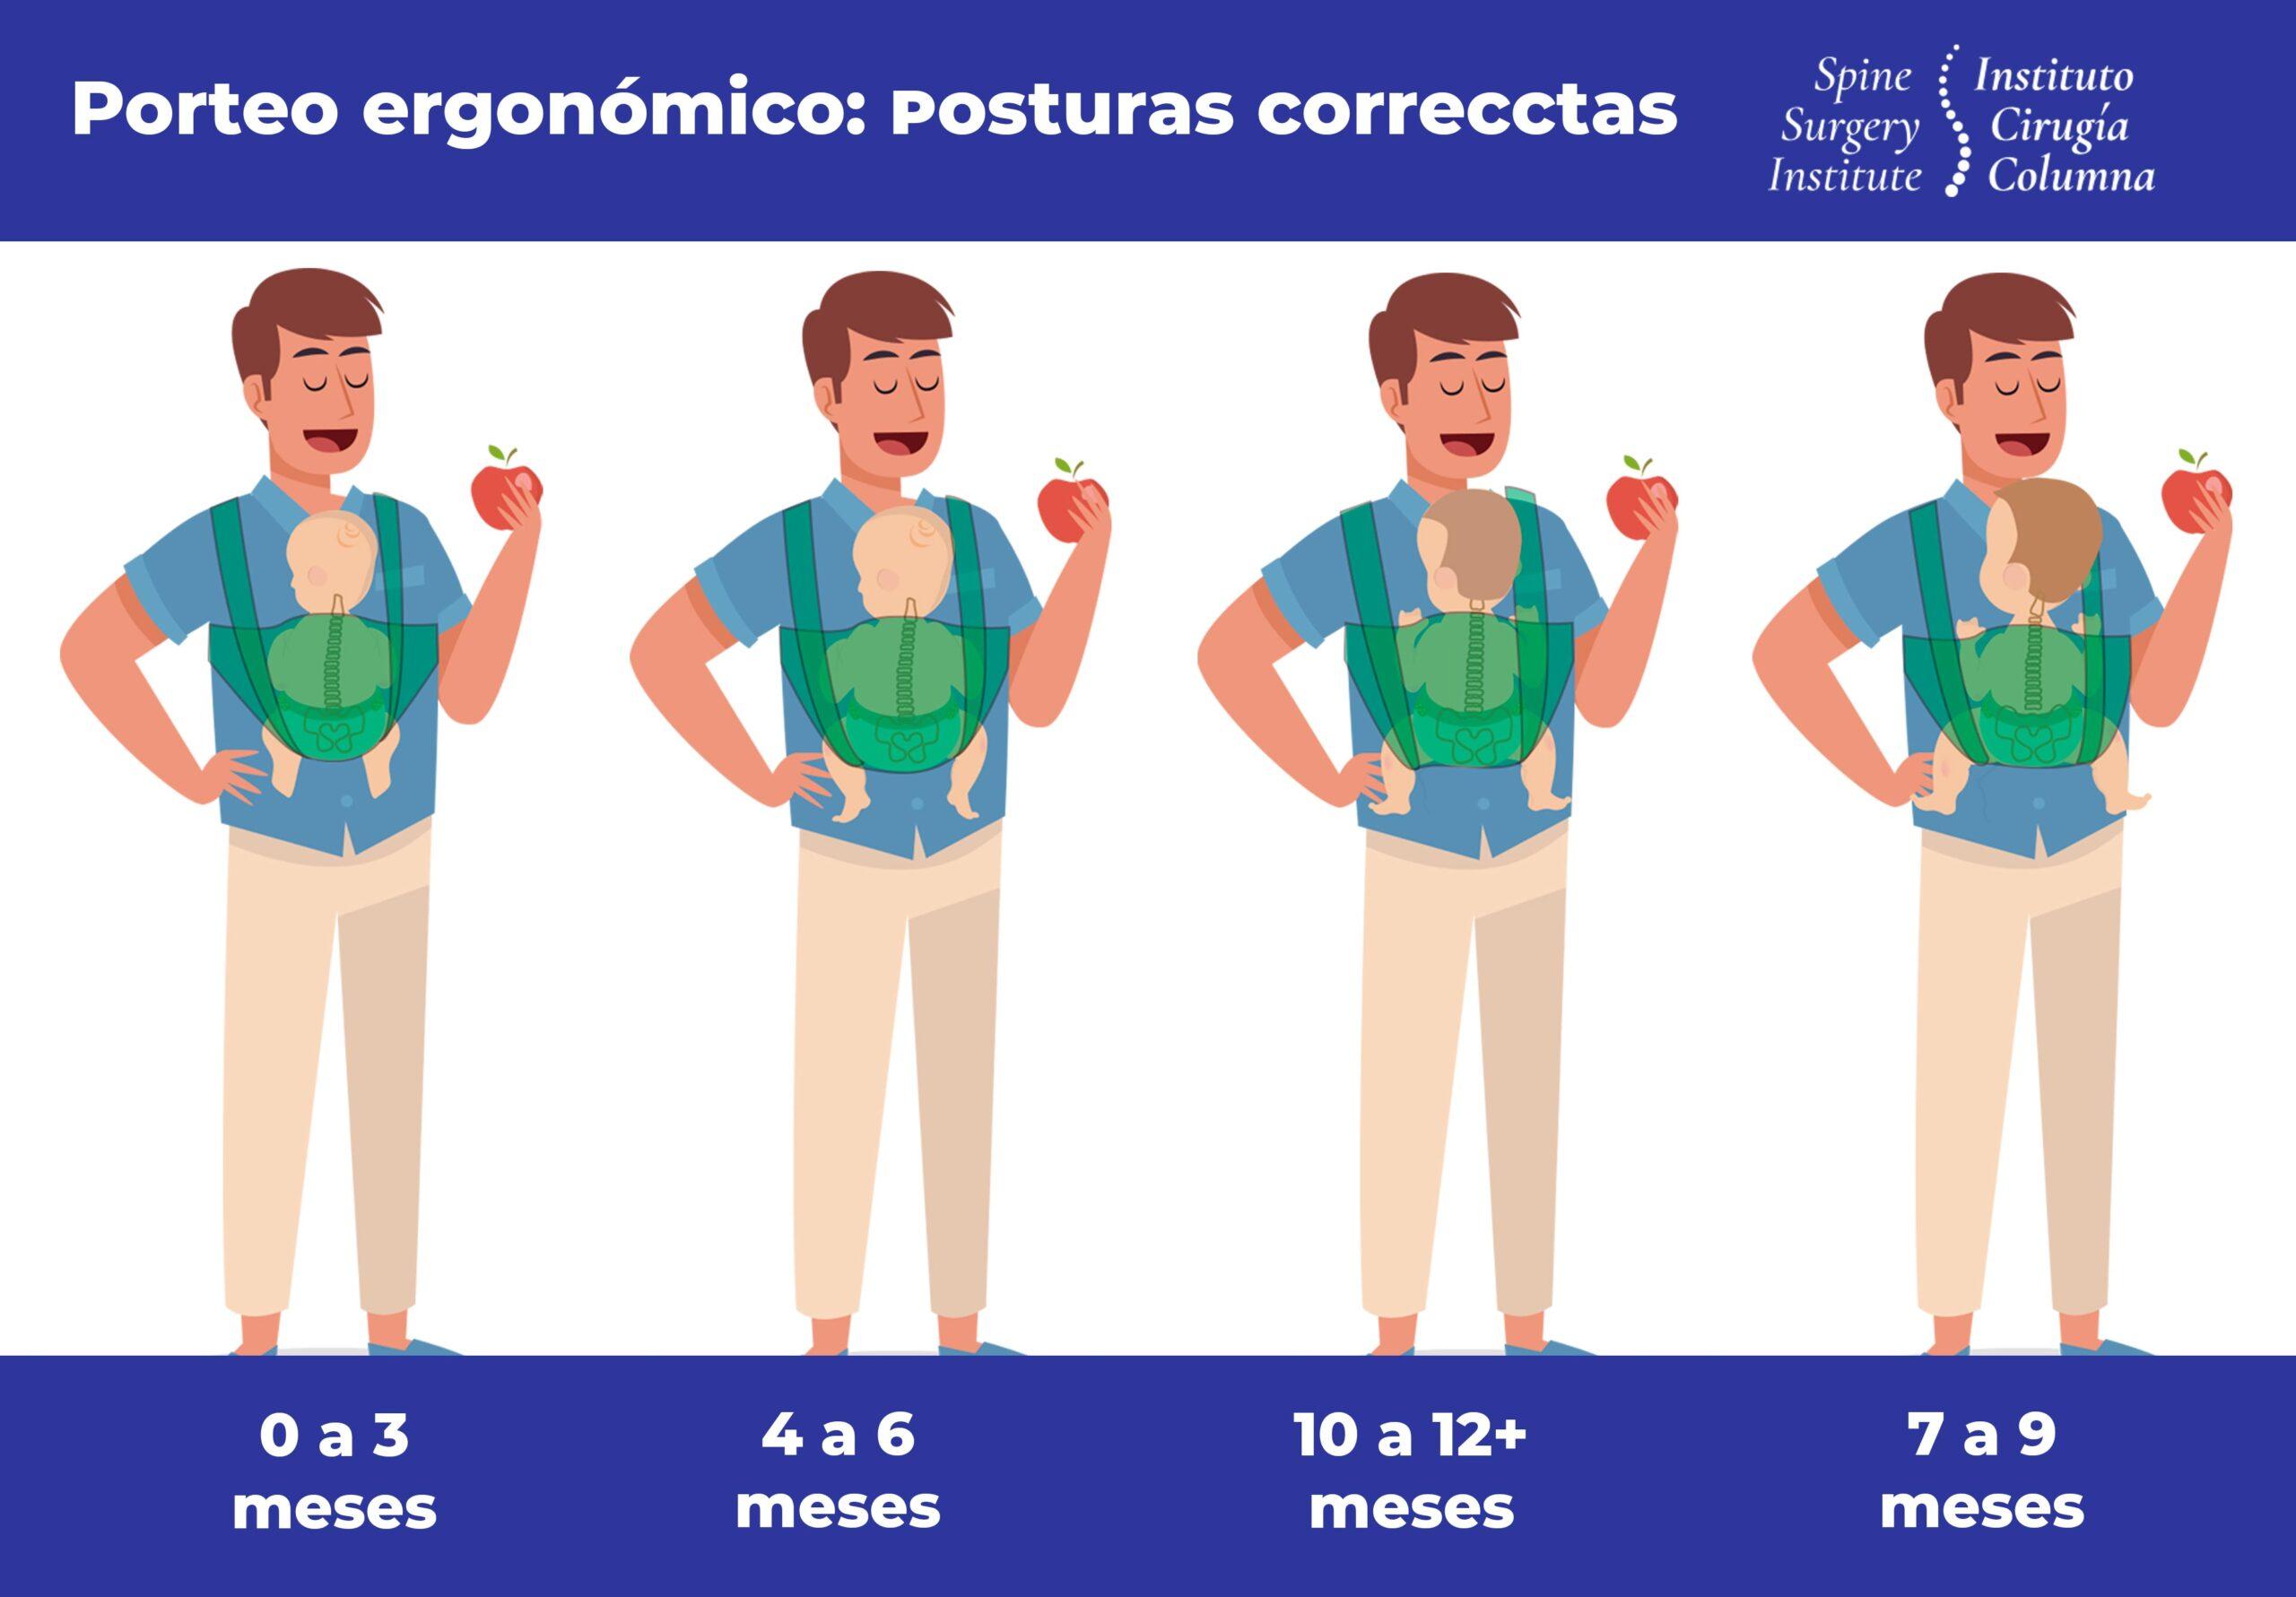 Porteo ergonómico: Posturas según la edad